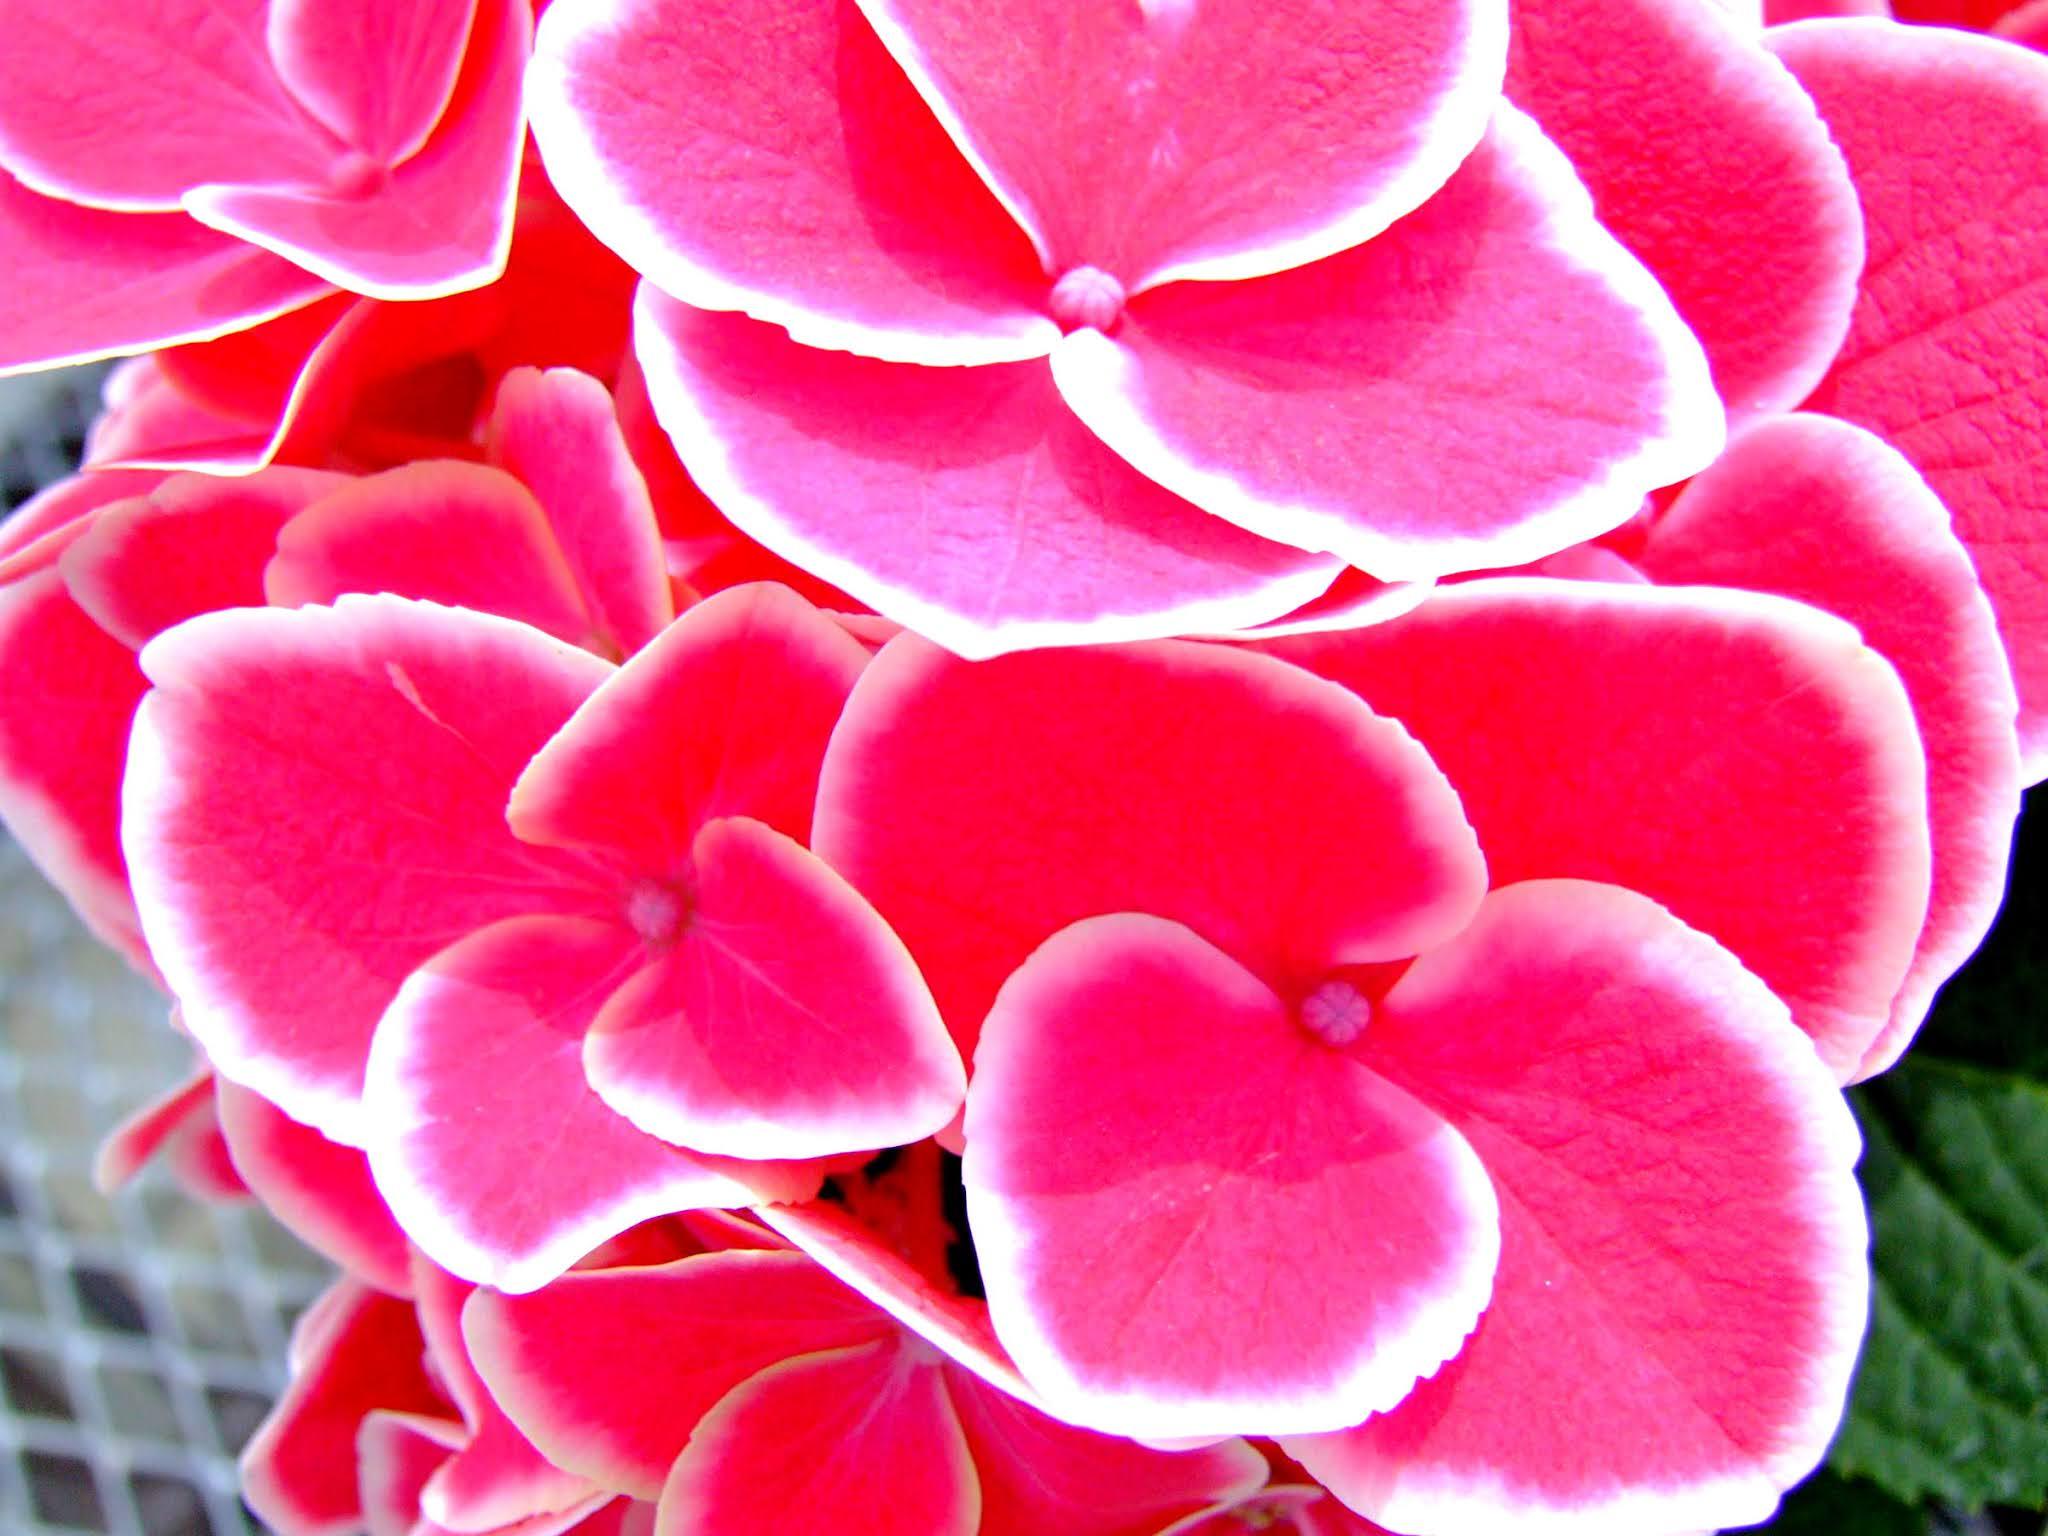 濃いピンクと白い縁がとてもかわいい紫陽花(アジサイ)の写真素材です。梅雨の時期のブログなどを彩る素材としていかがでしょう。